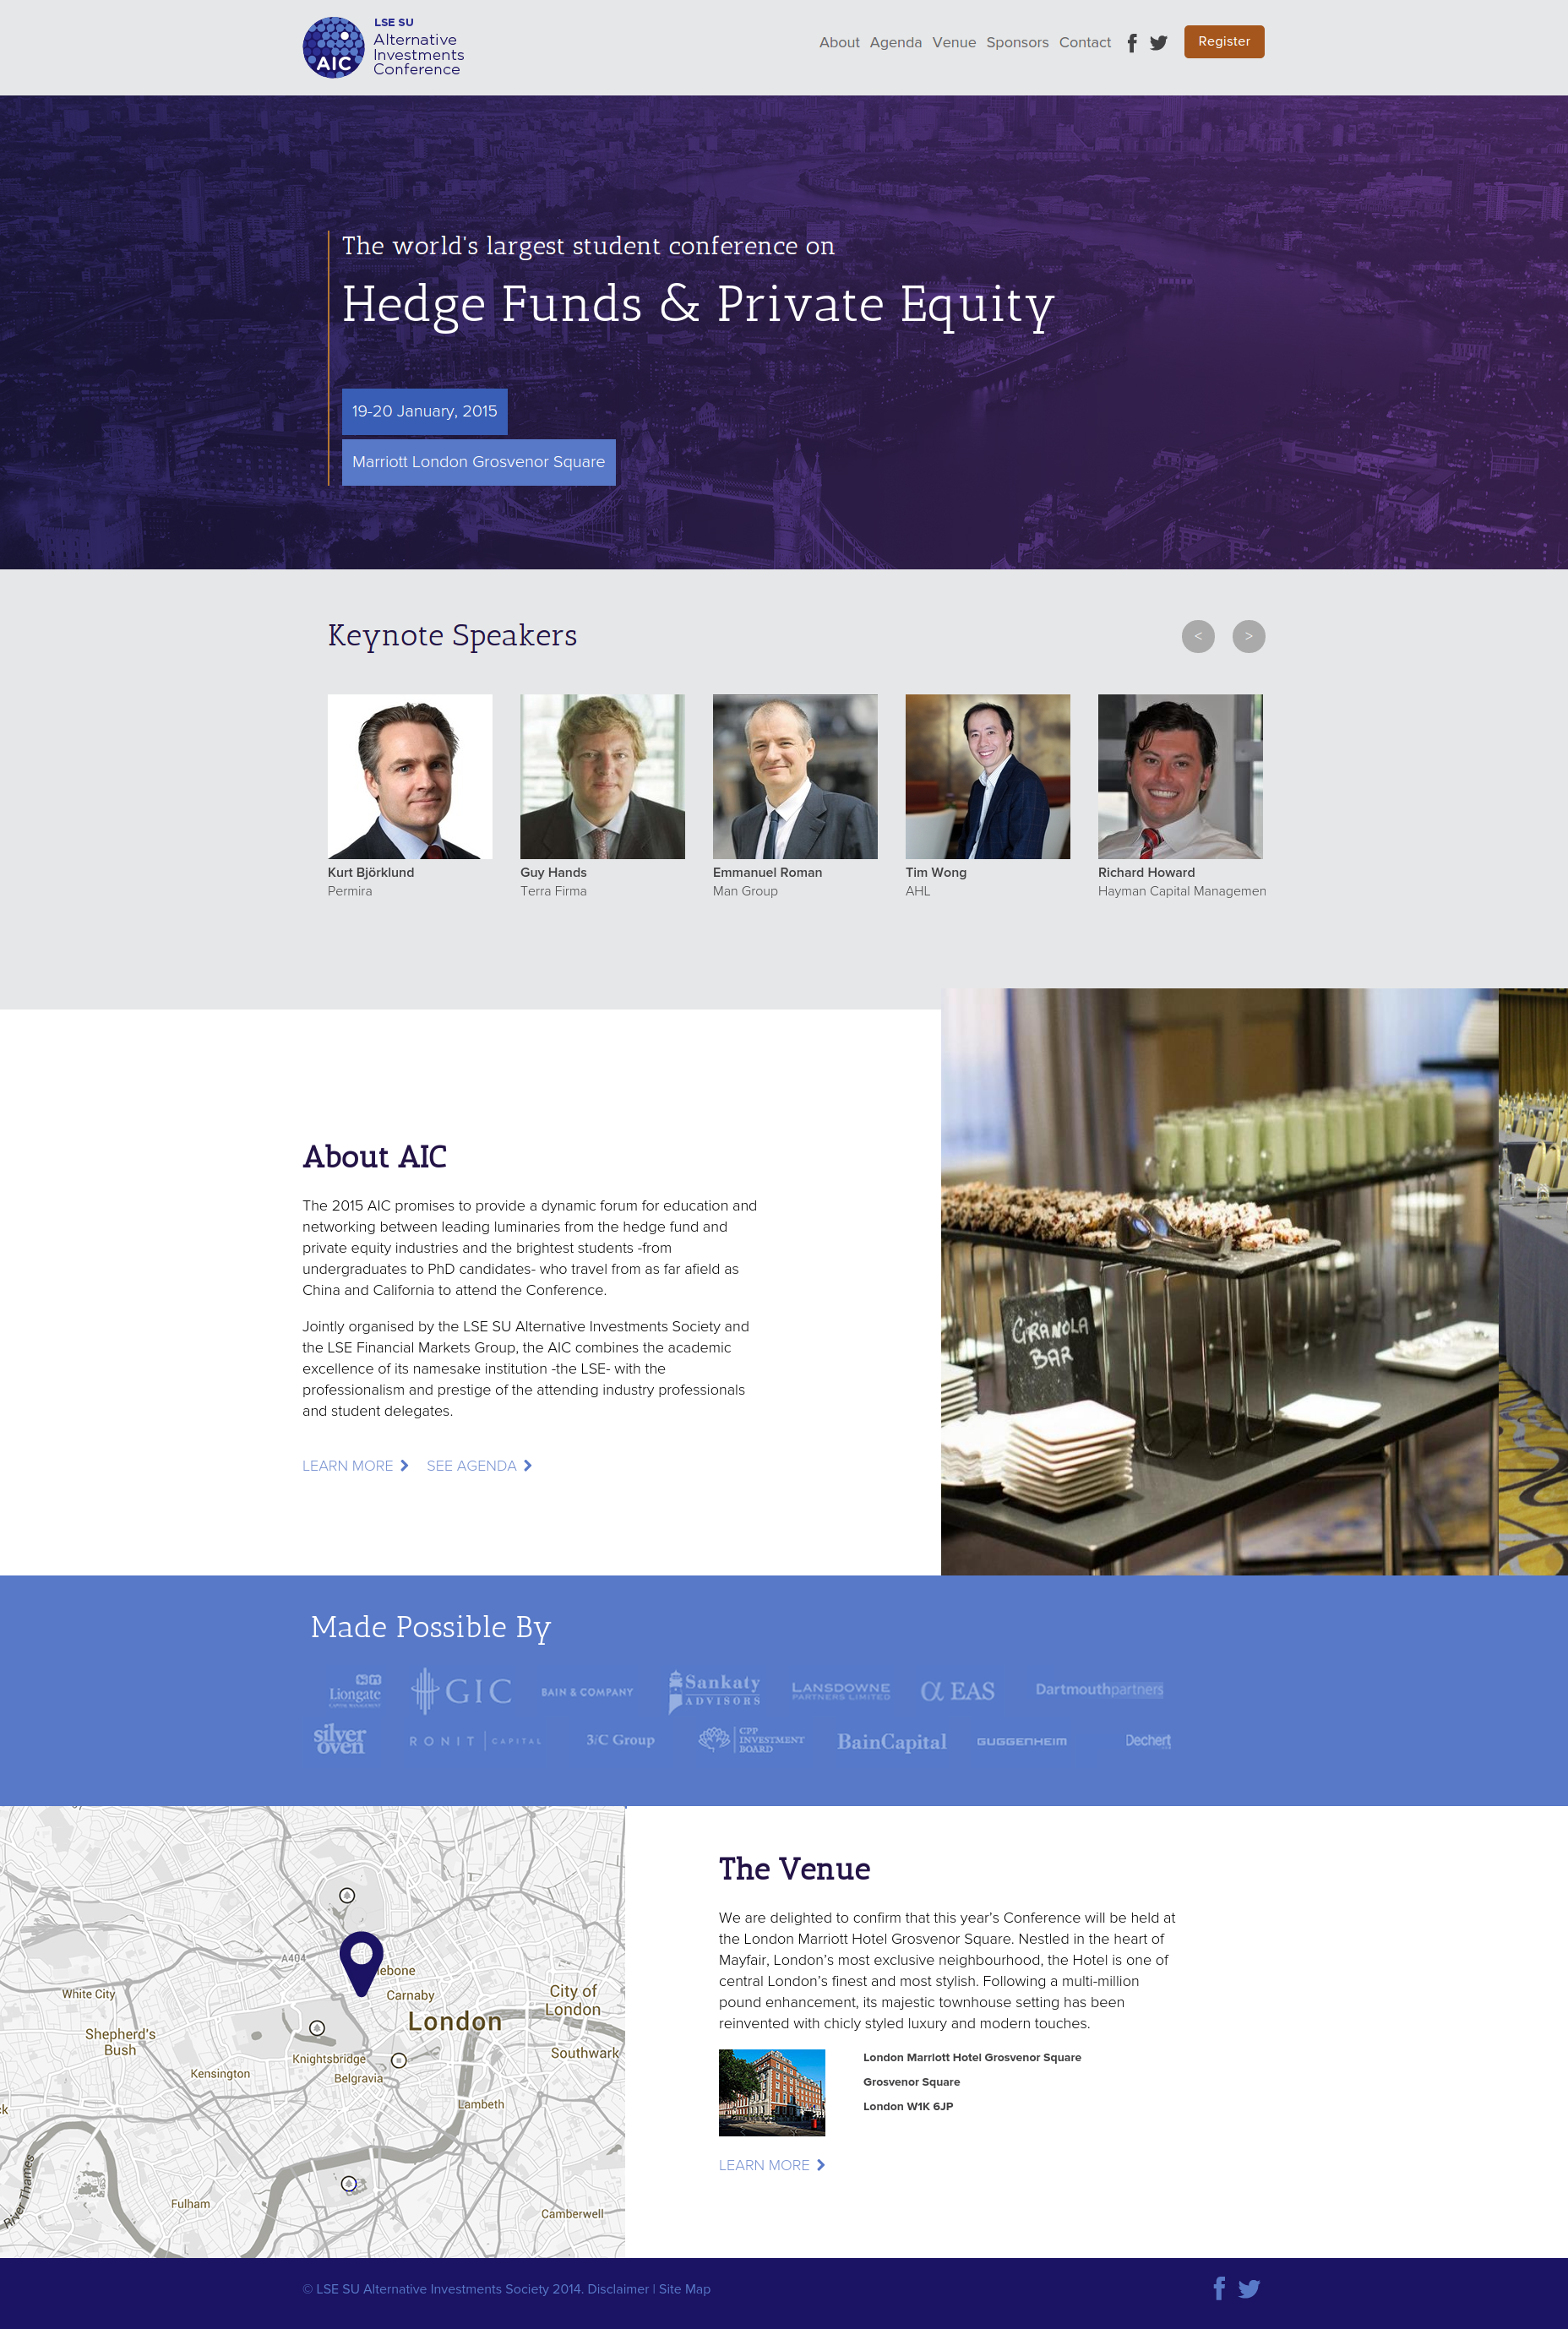 London School of Economics - Alt - concrete5